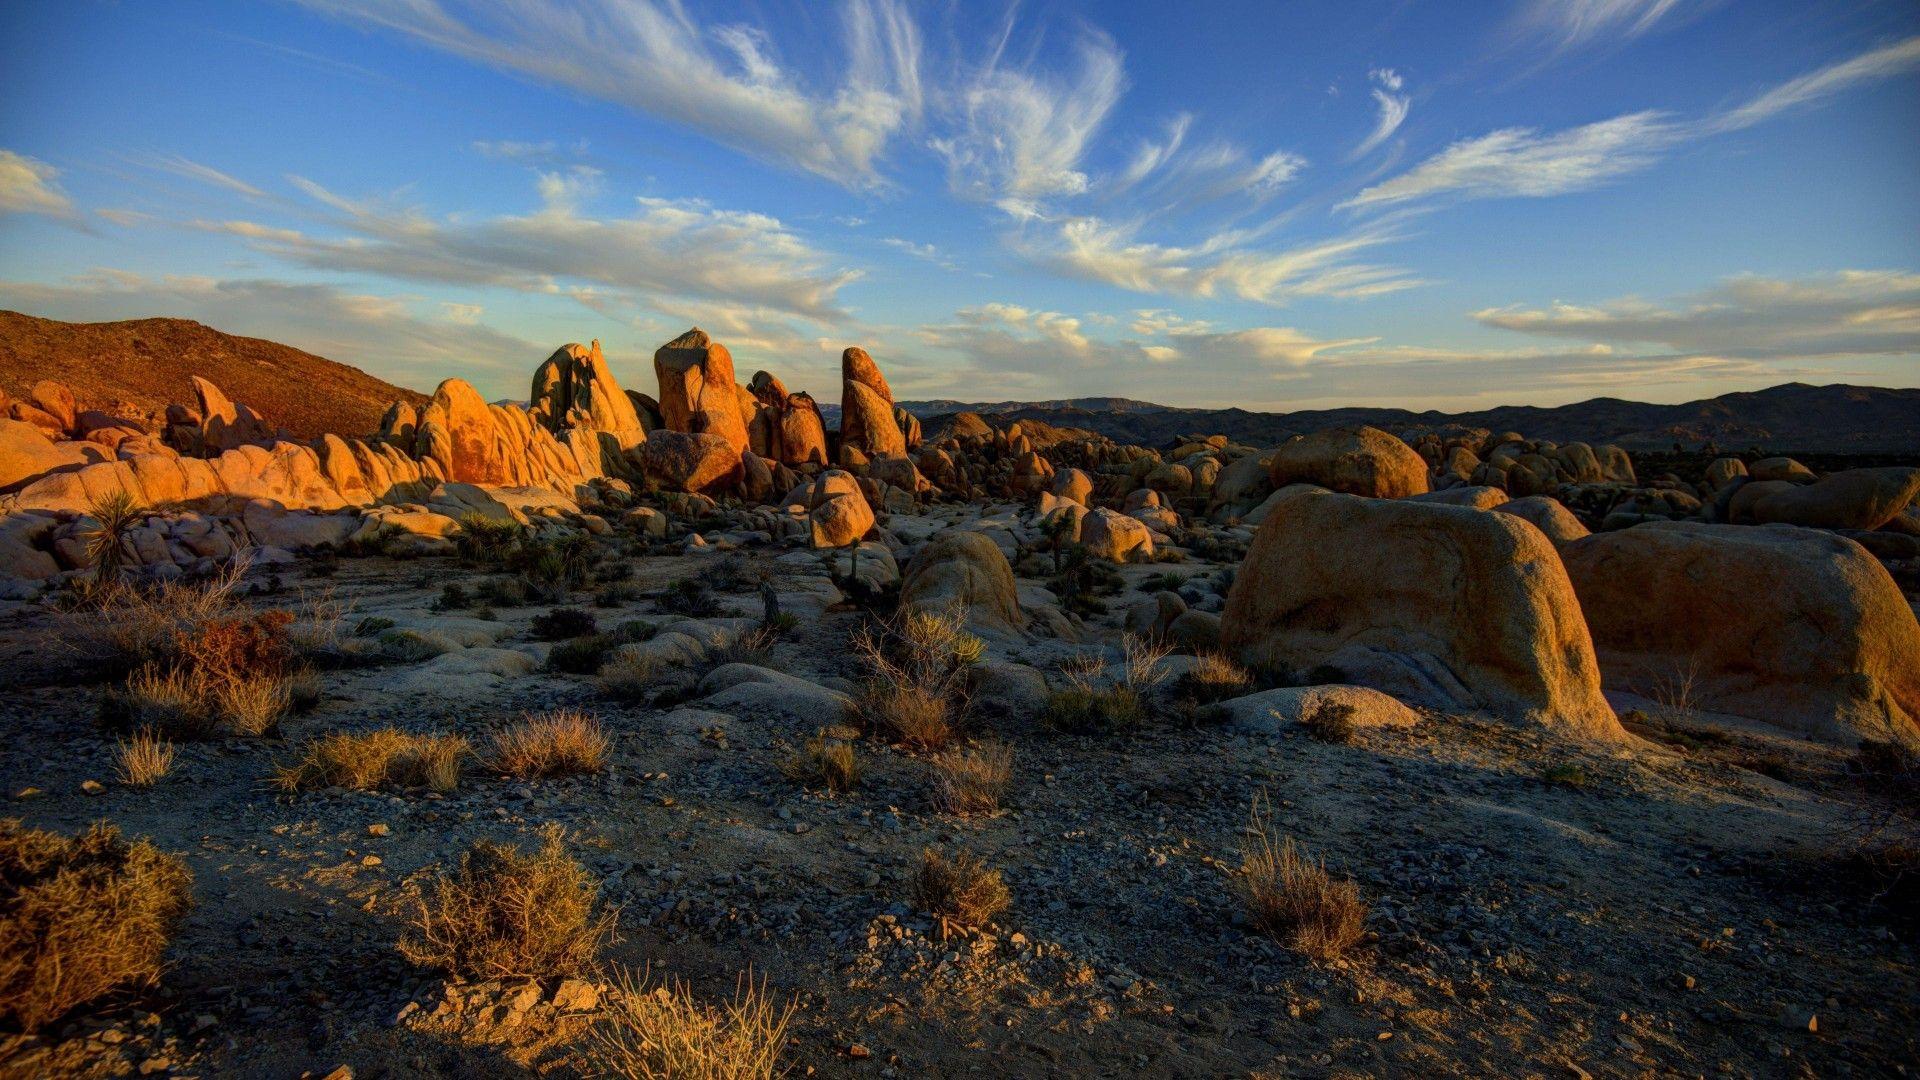 Desert Foothills Landscape picture free download